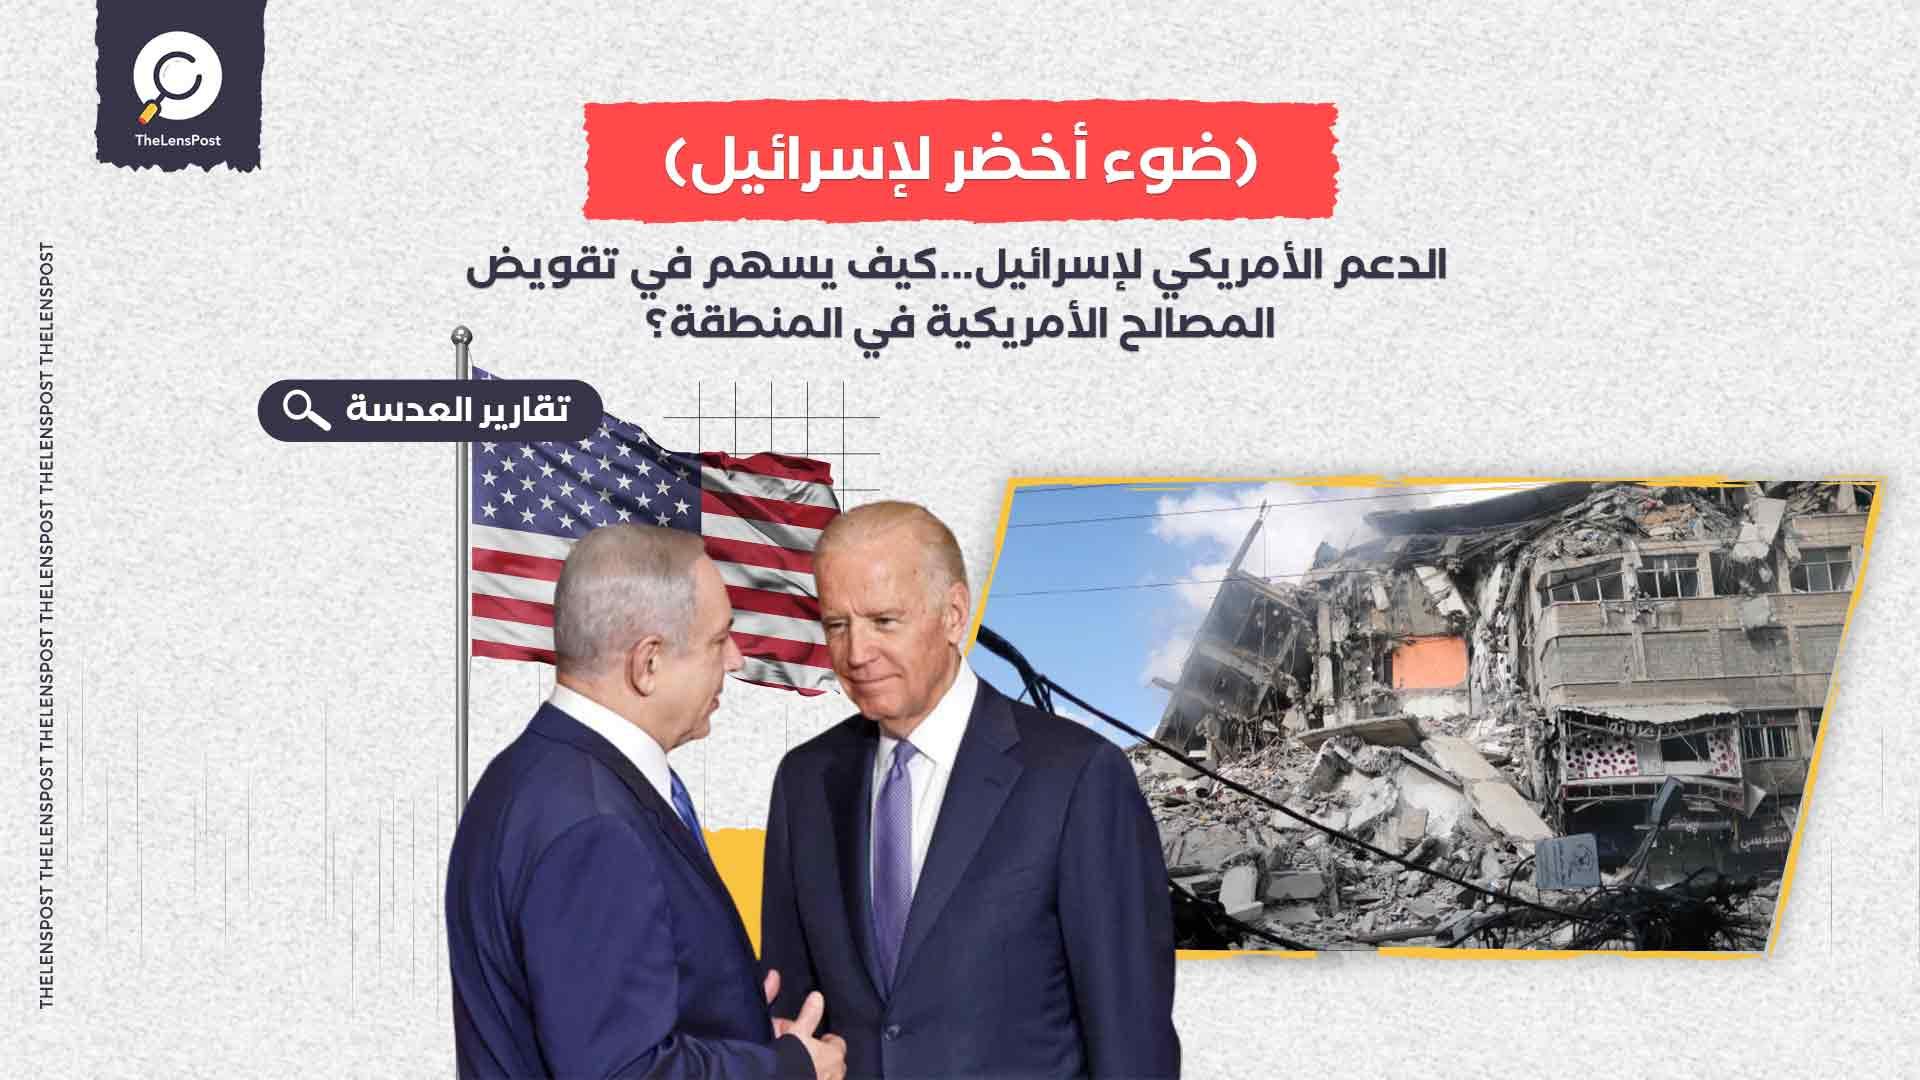 الدعم الأمريكي لإسرائيل...كيف يسهم في تقويض المصالح الأمريكية في المنطقة؟